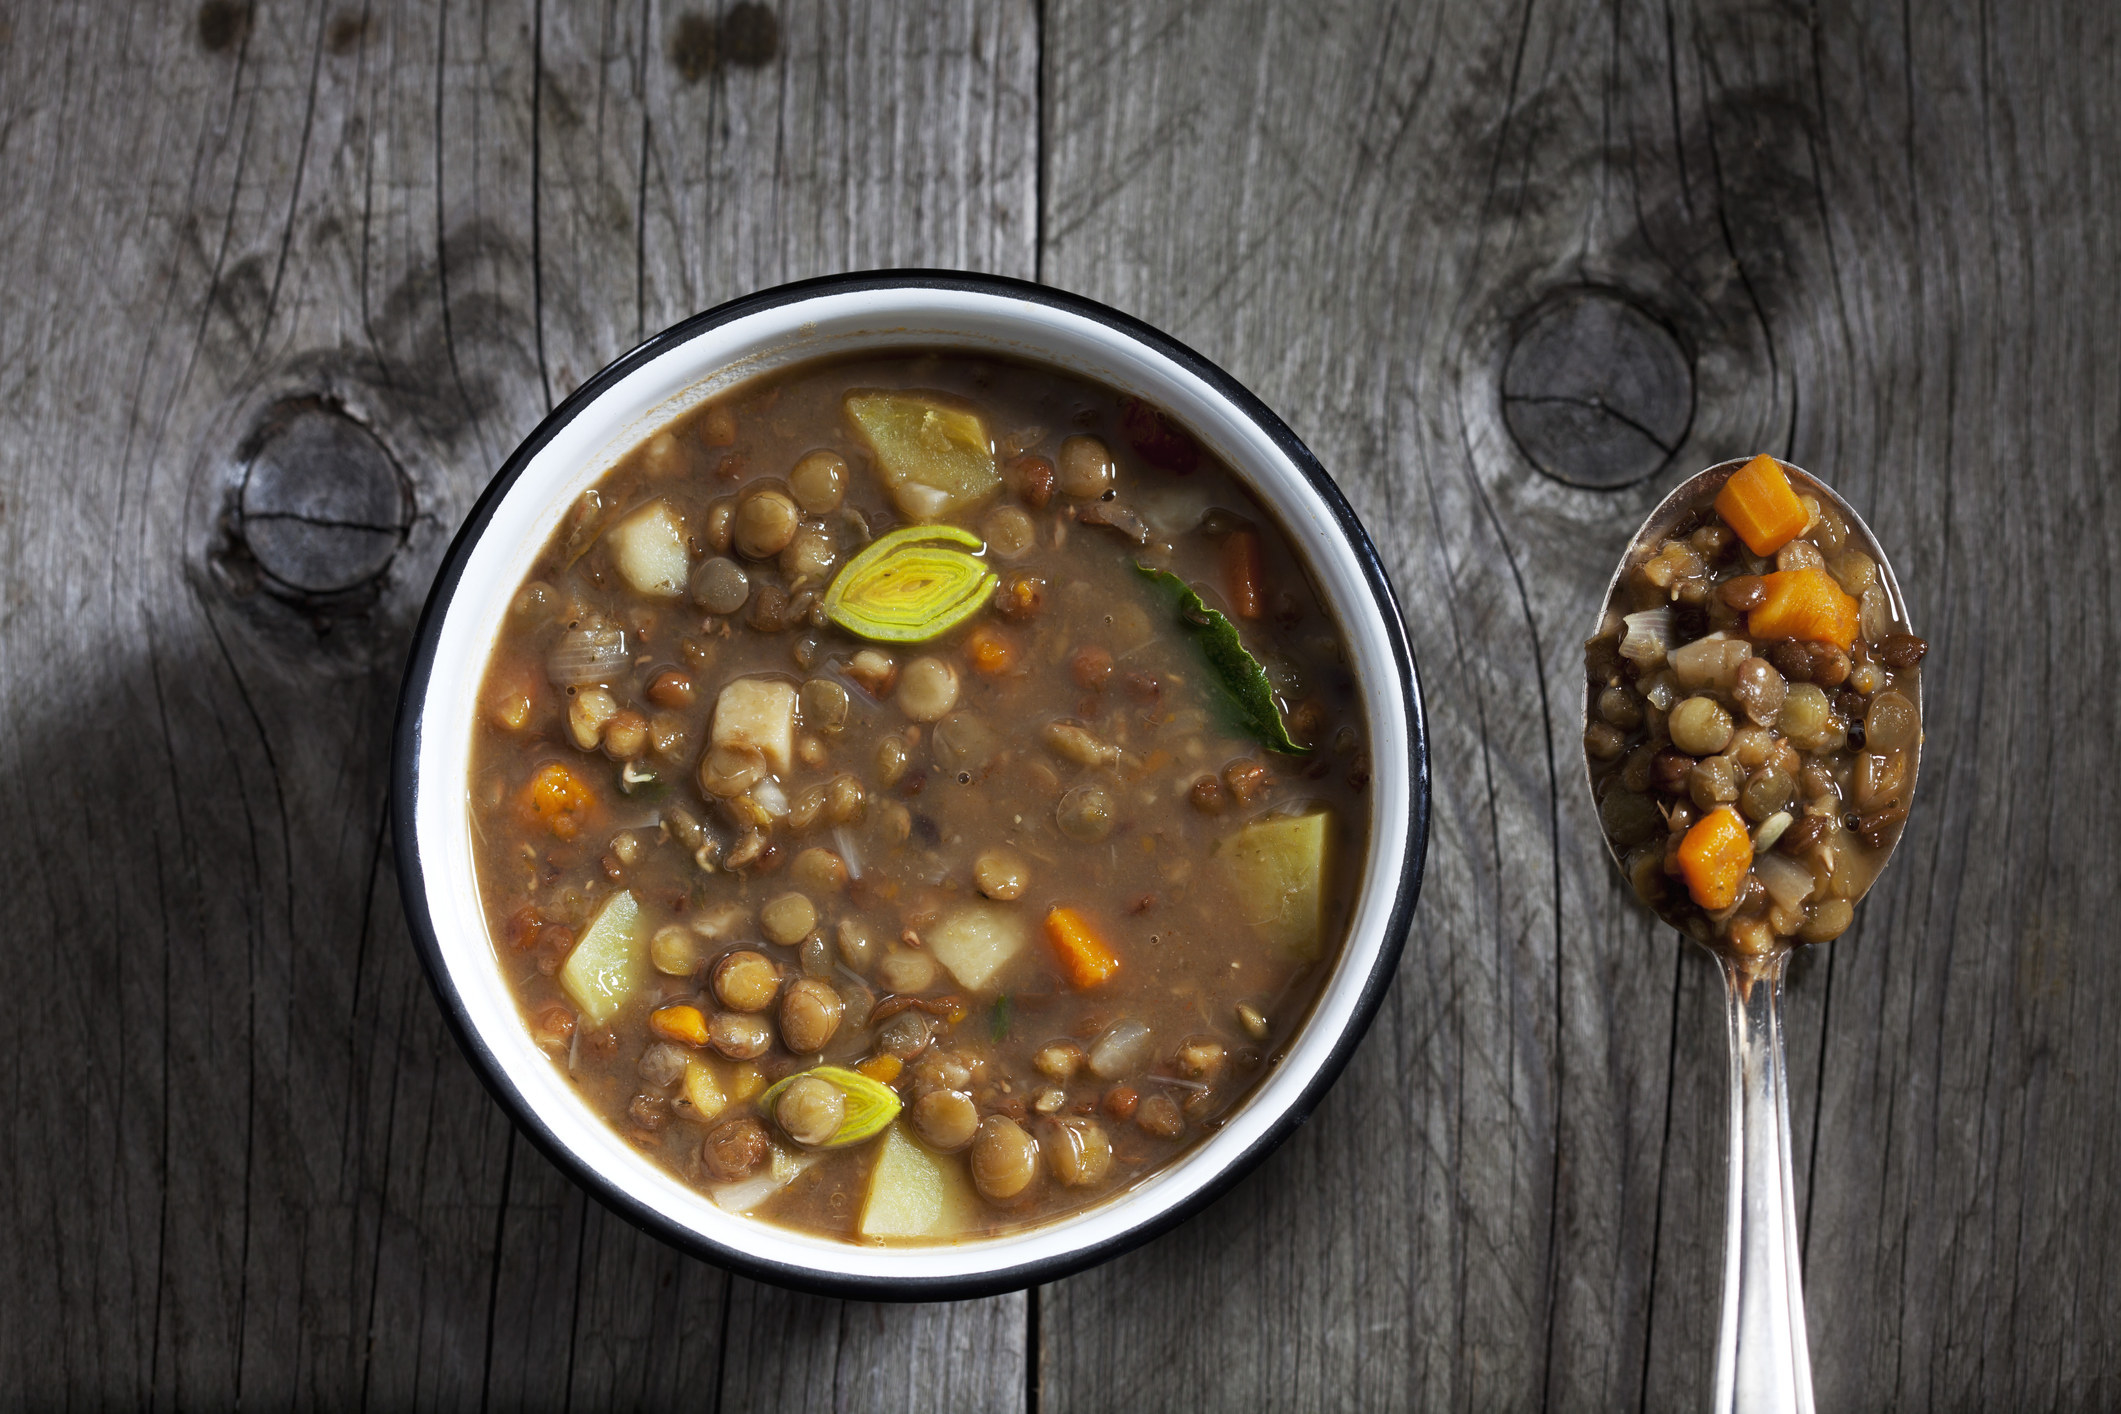 A bowl of lentil soup.